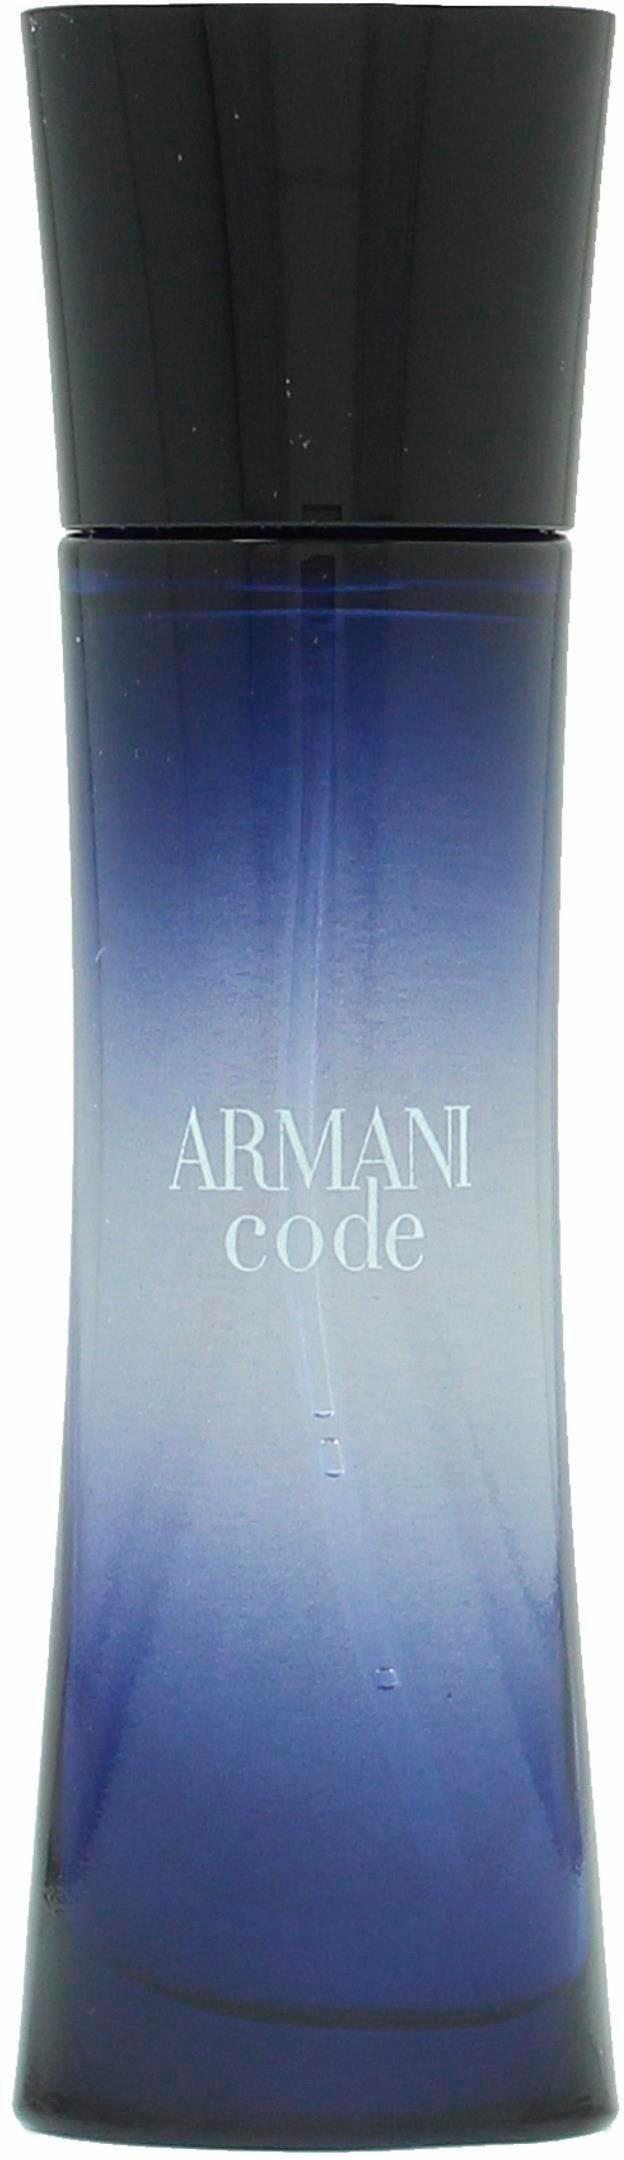 Giorgio Armani, »Code Femme«, Eau de Parfum